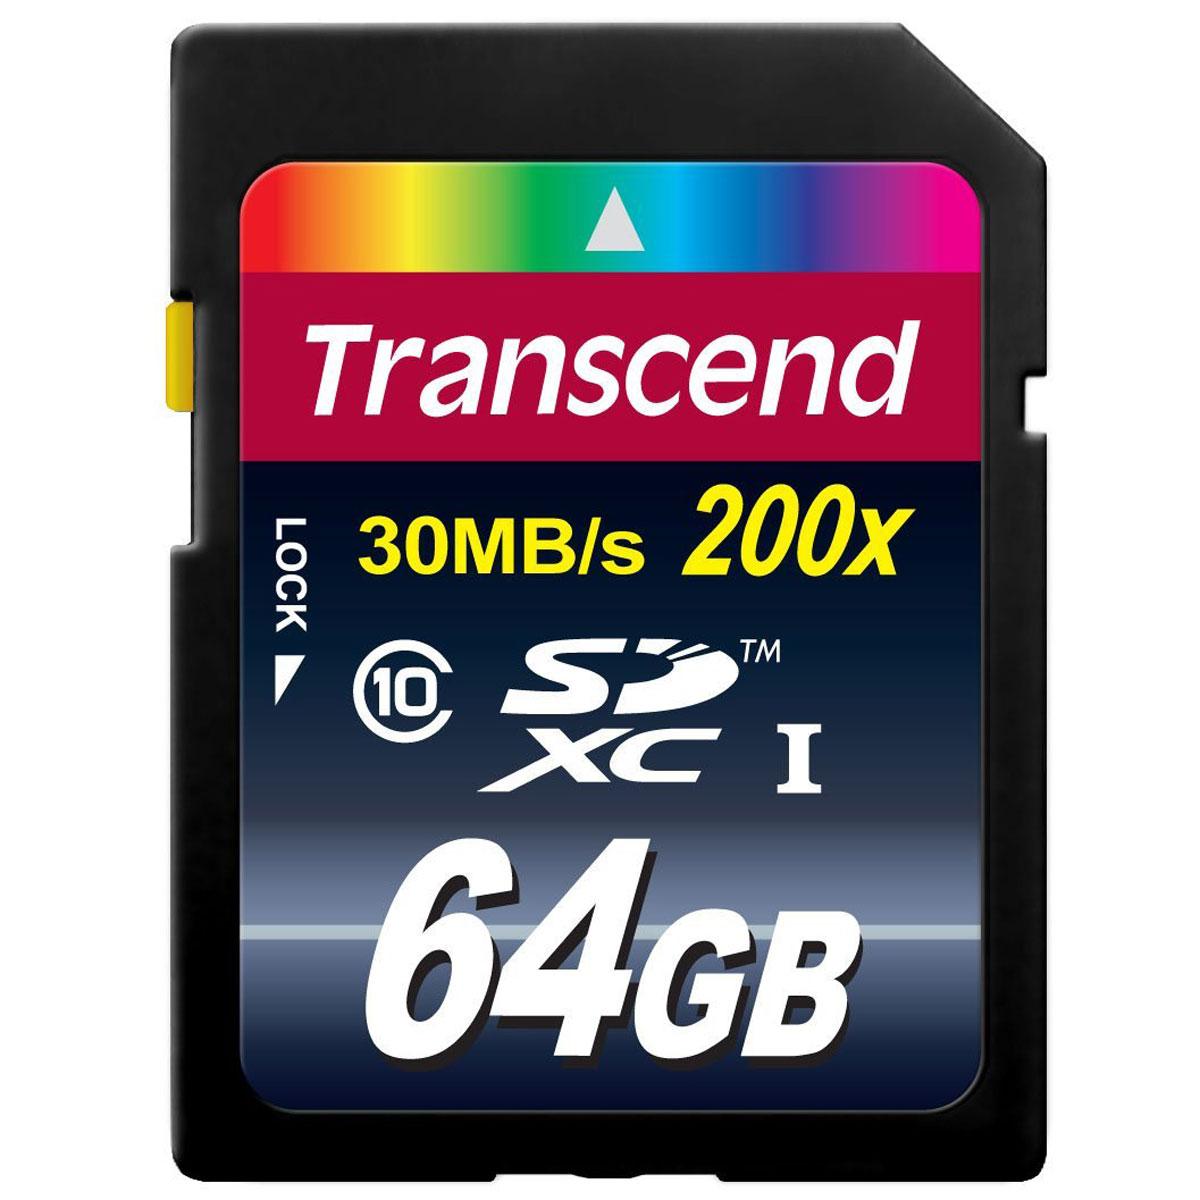 Transcend SDXC Class 10 64GB карта памятиTS64GSDXC10Карты памяти Transcend увеличенной емкости формата SDXC позволяют хранить поистине огромный объем информации - до 128 ГБ! Высокая скорость доступа Class 10 обеспечивает необходимые условия для использования SDXC в современных фото- и видеокамерах, особенно для записи серий снимков и FullHD-контента.Внимание: перед оформлением заказа убедитесь в поддержке вашим электронным устройством карт памяти данного объема.